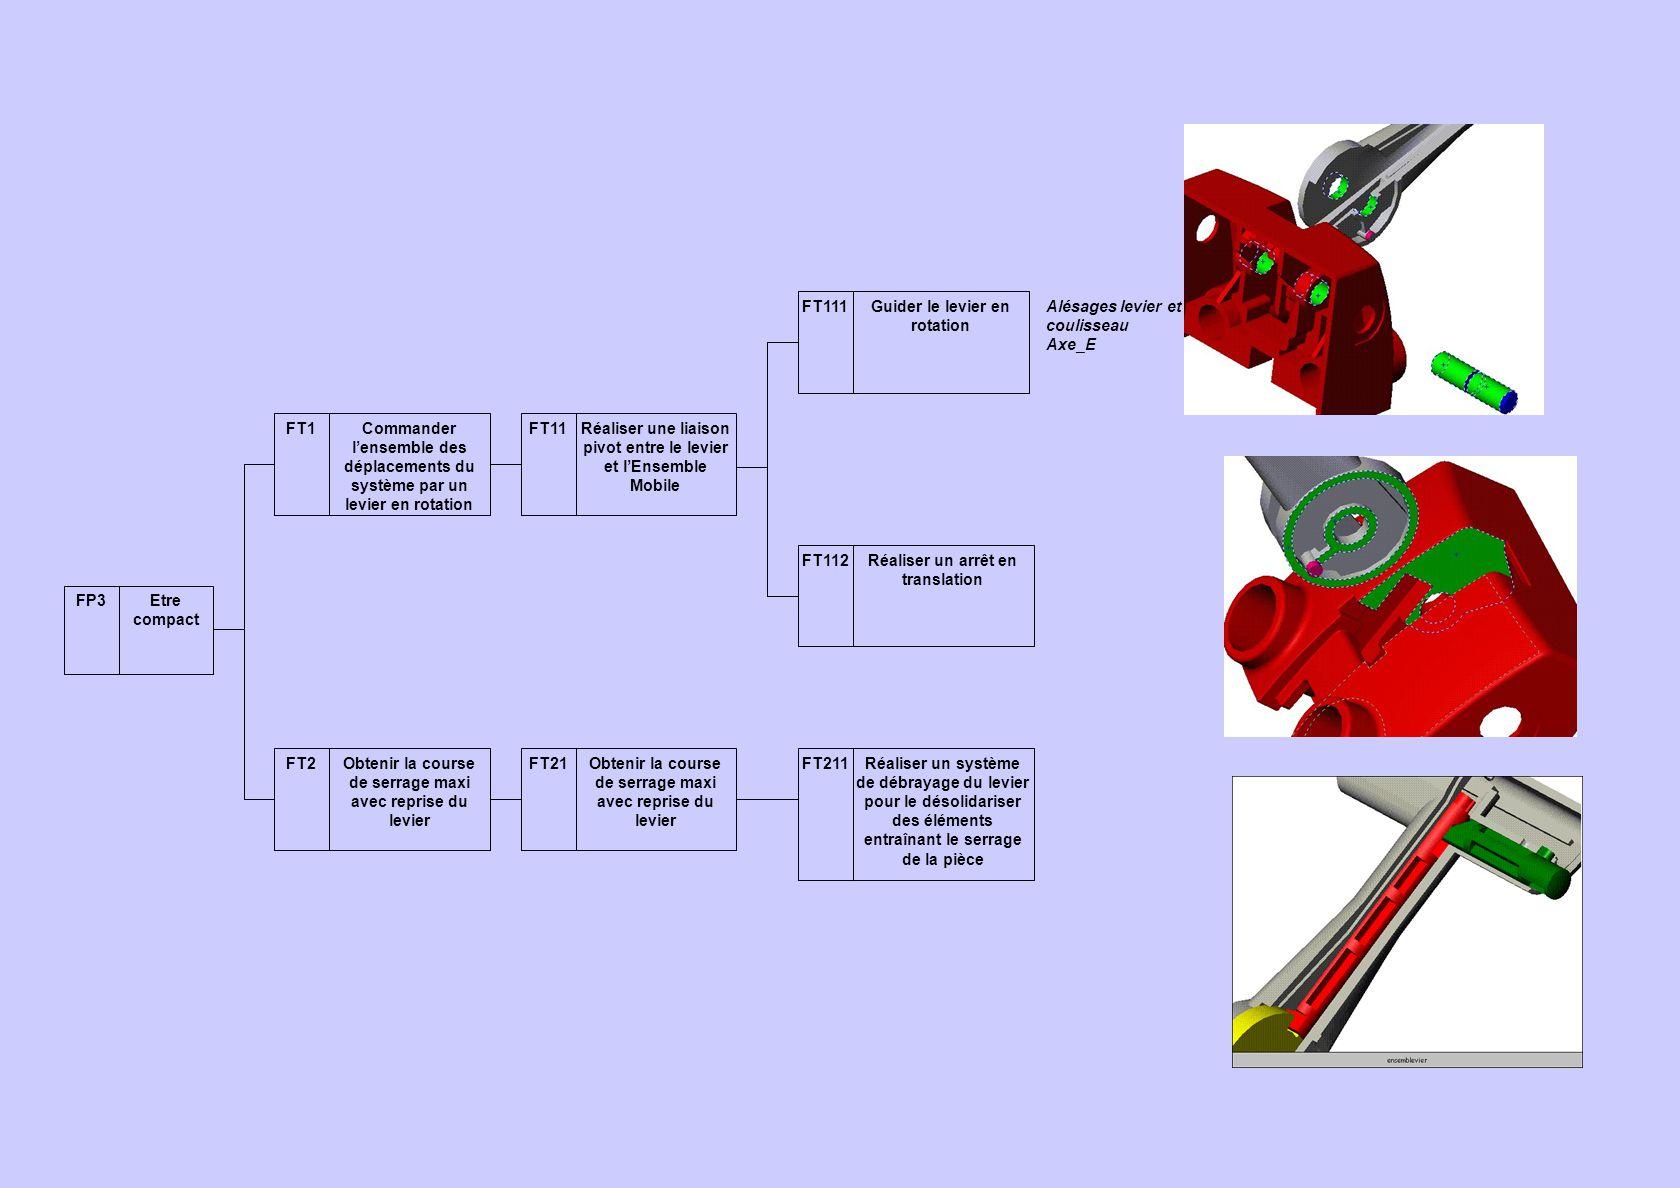 FP3Etre compact FT1Commander l'ensemble des déplacements du système par un levier en rotation FT2Obtenir la course de serrage maxi avec reprise du lev